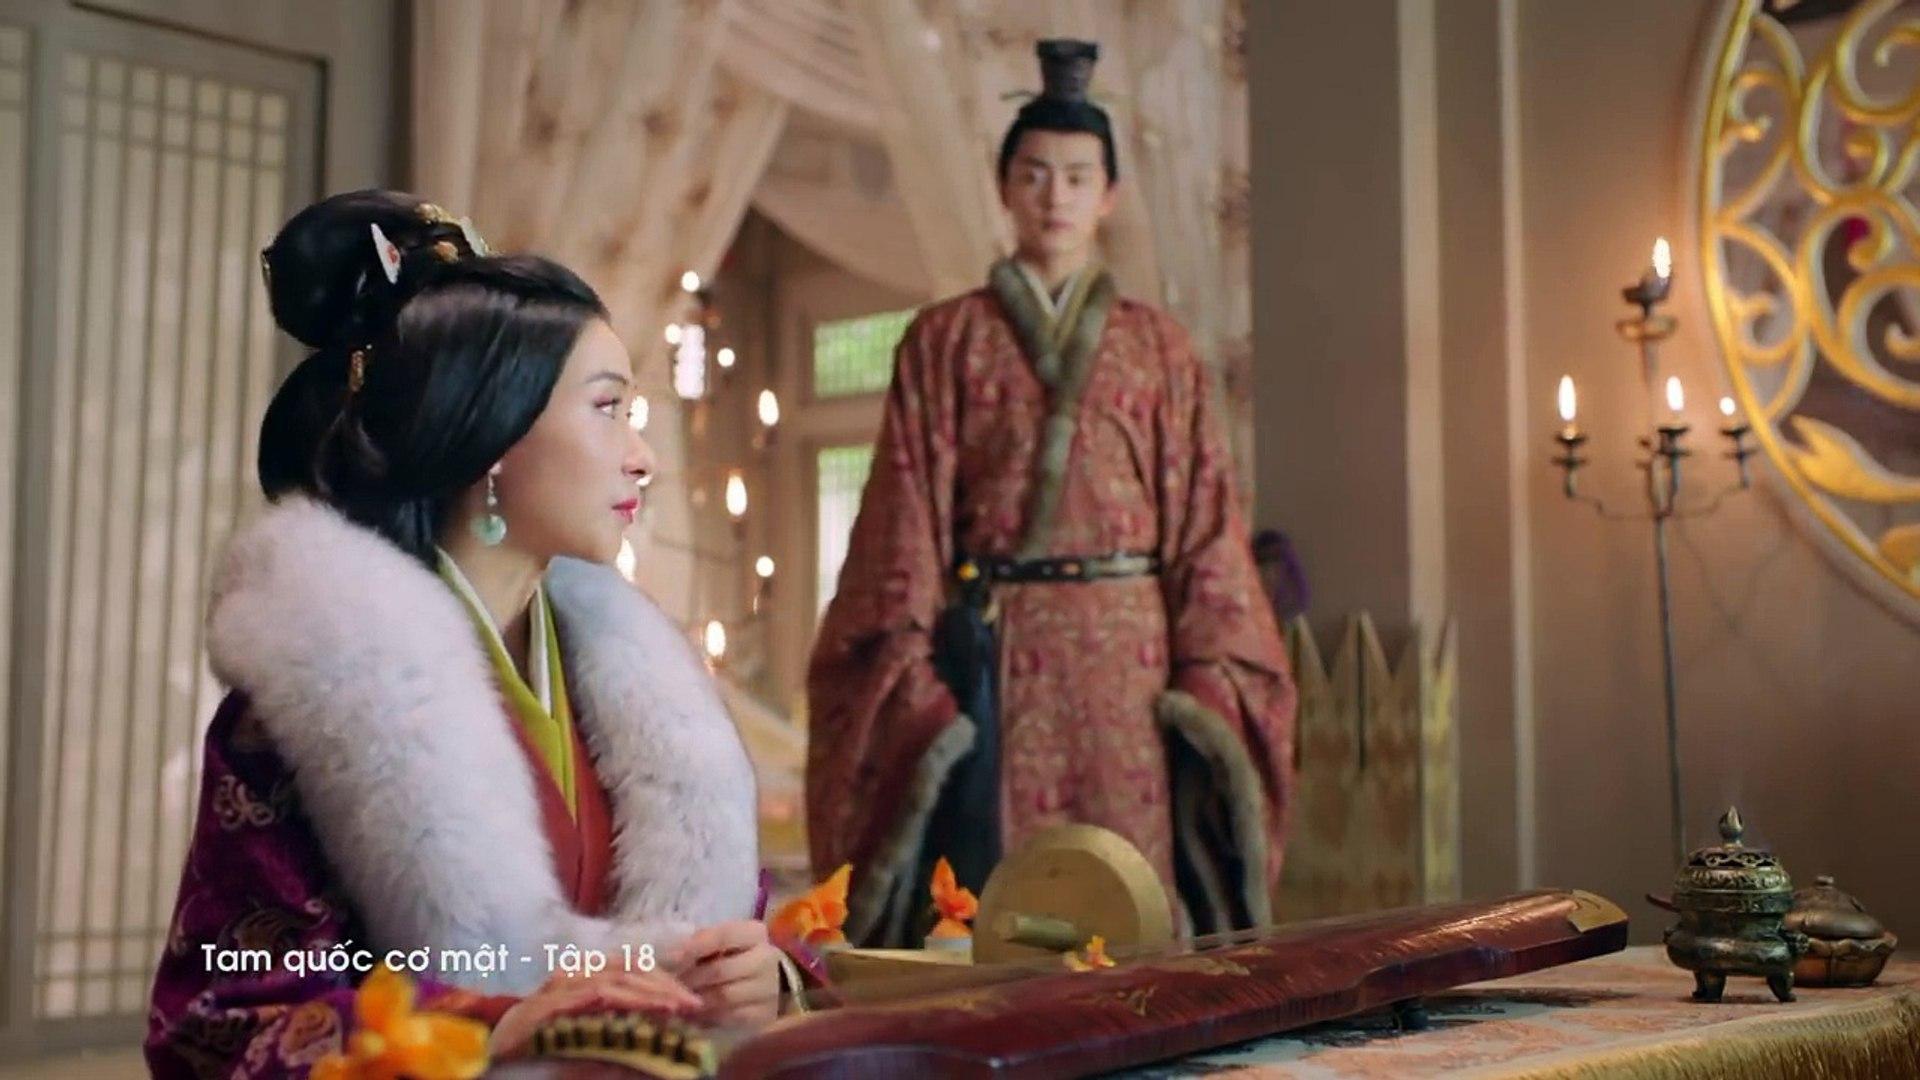 TAM QUỐC CƠ MẬT - Tập 18 FULL   Phim cổ trang Trung Quốc lồng tiếng 2018 hay